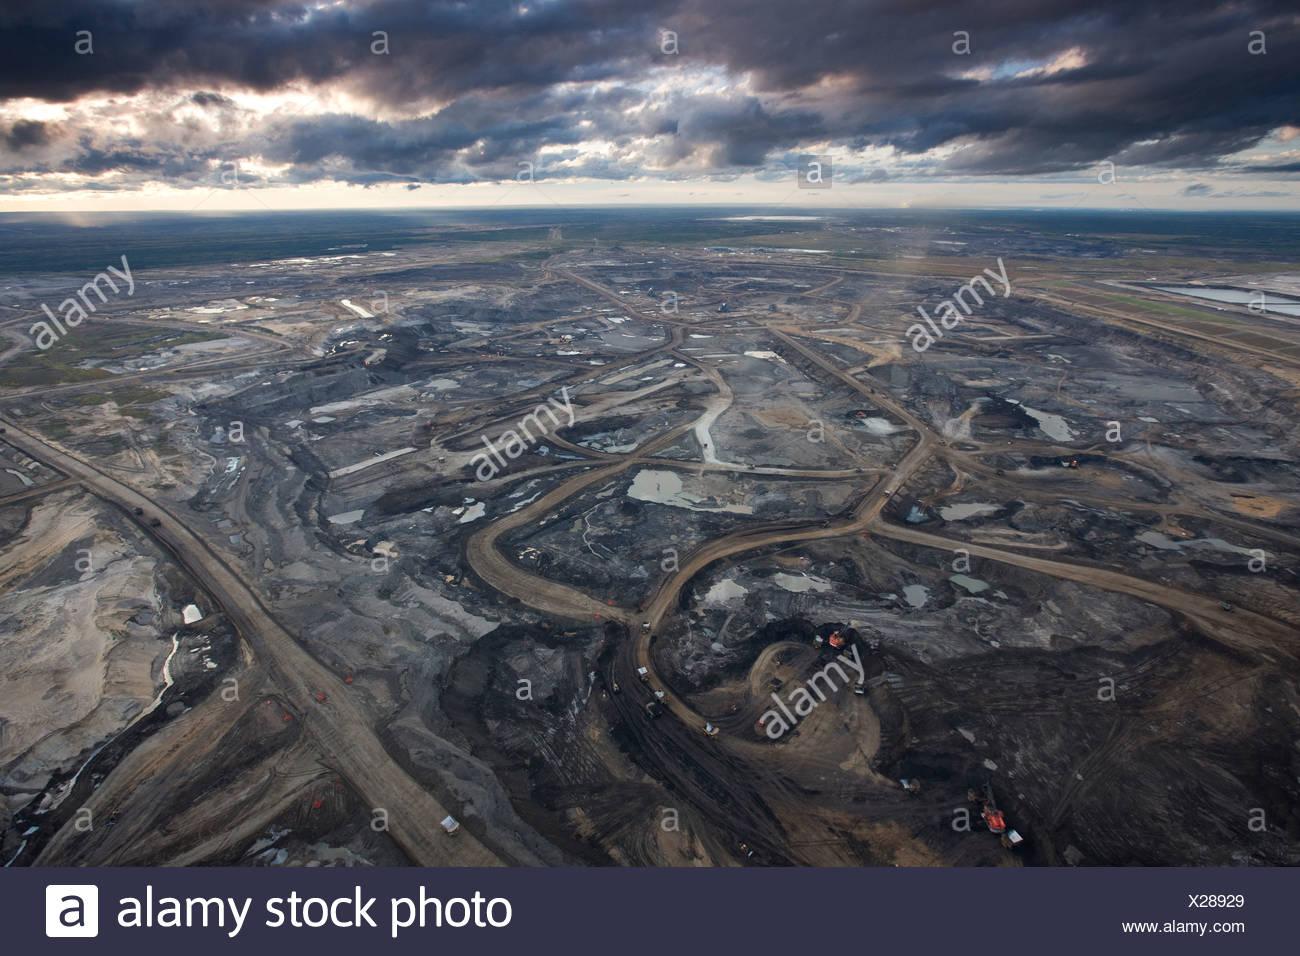 La mine de sables bitumineux Syncrude Aurora, Canada. Photo Stock